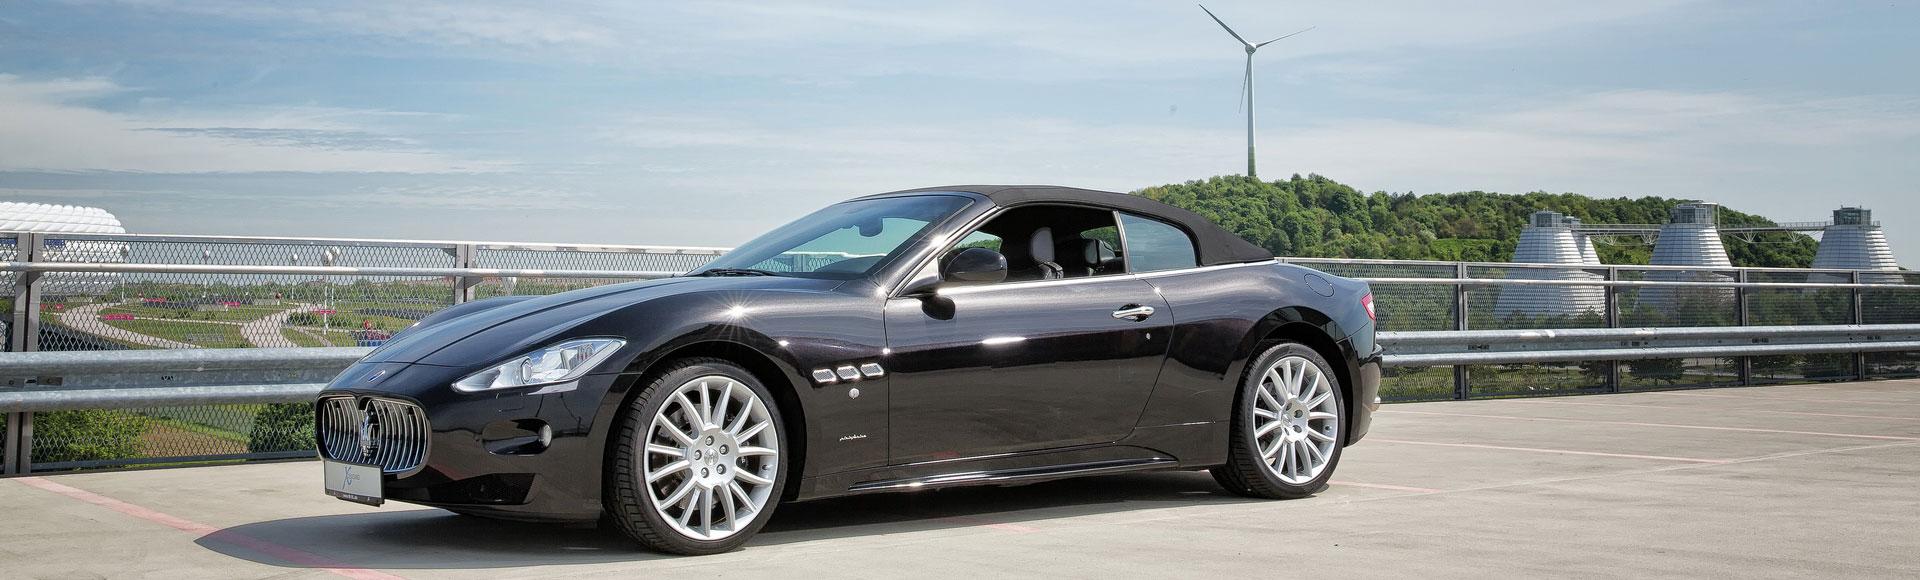 Maserati GranCabrio 2012 Sommer 986